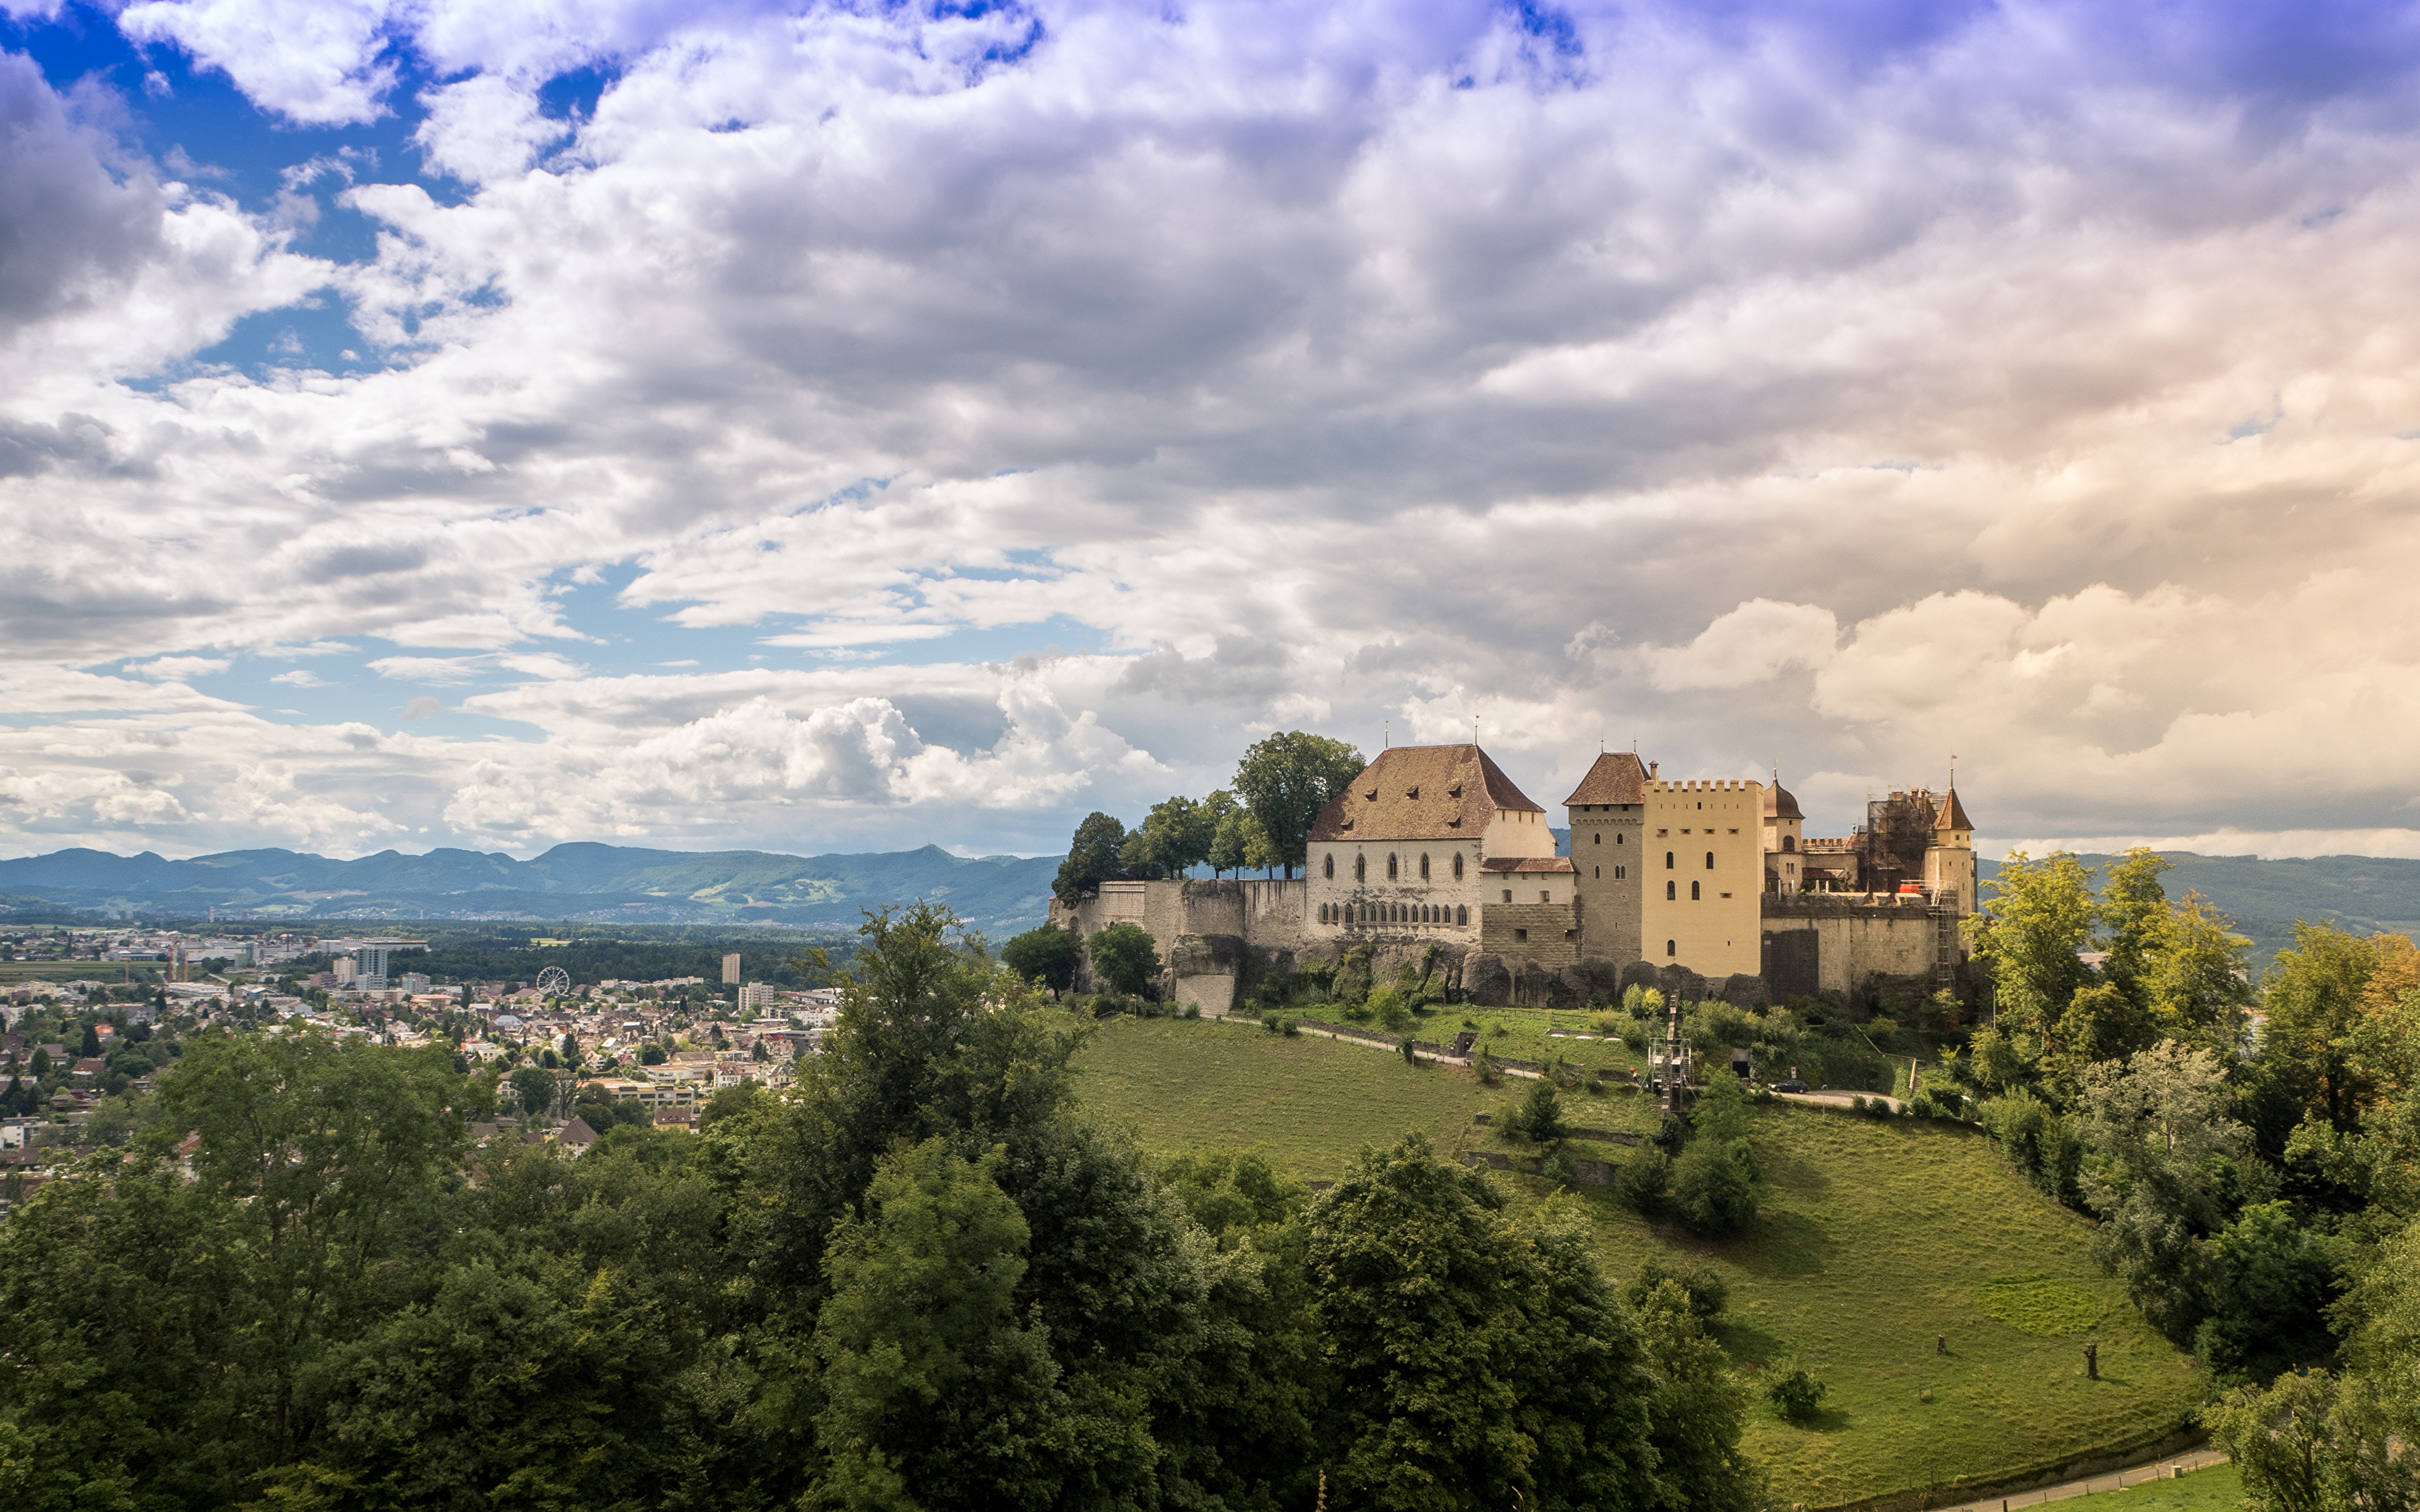 Фото Швейцария Lenzburg Castle Замки Небо Города Облака Ландшафтный дизайн 3840x2400